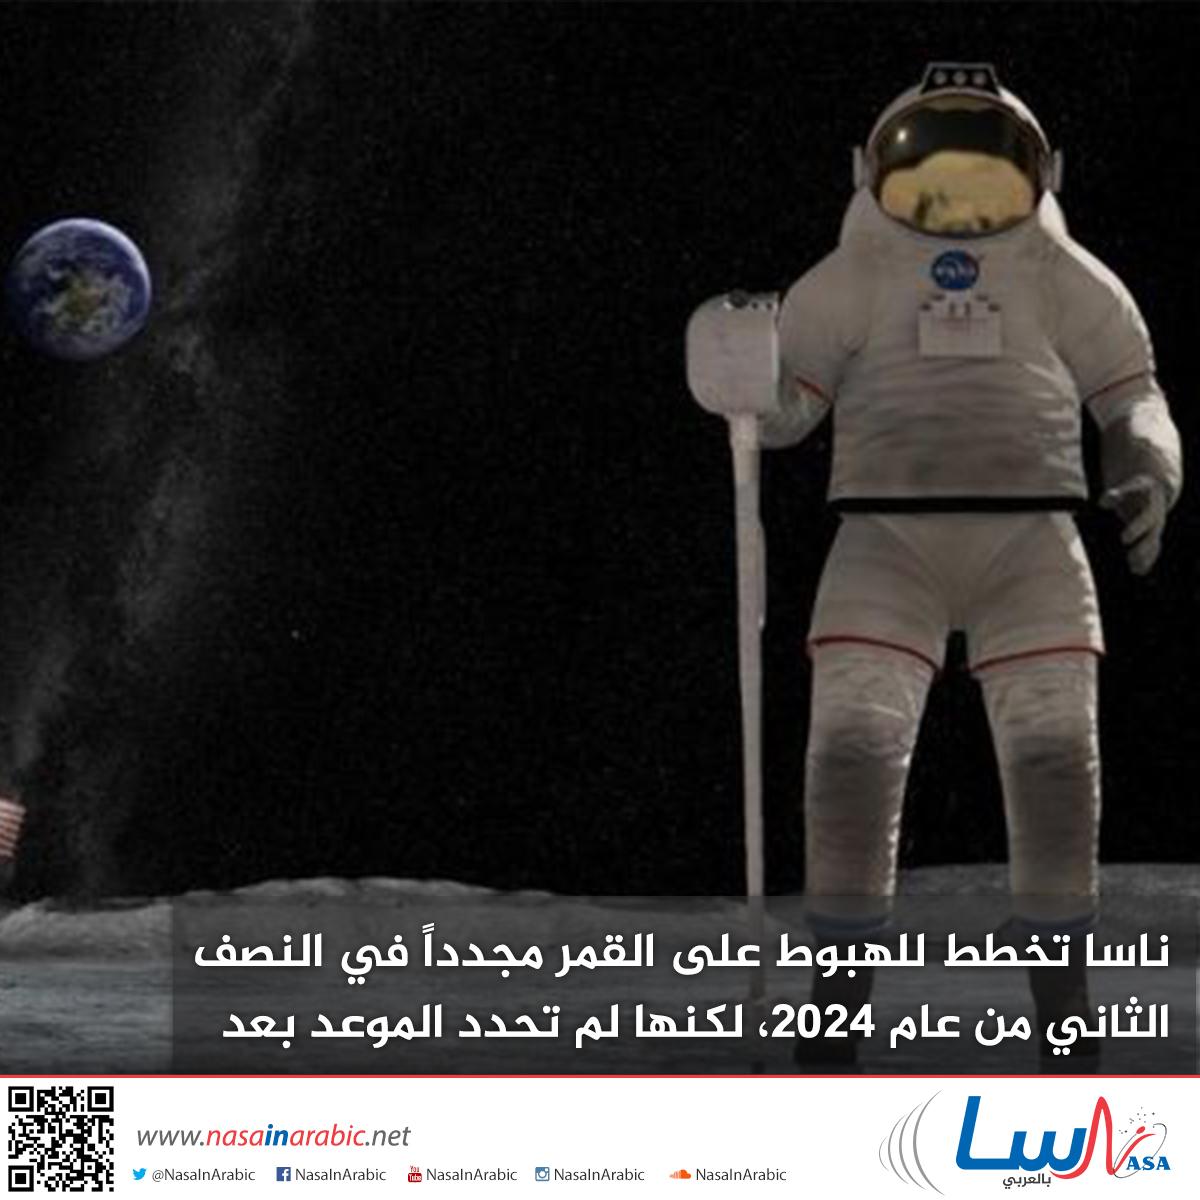 ناسا تخطط للهبوط على القمر مجدداً في النصف الثاني من عام 2024، لكنها لم تحدد الموعد بعد